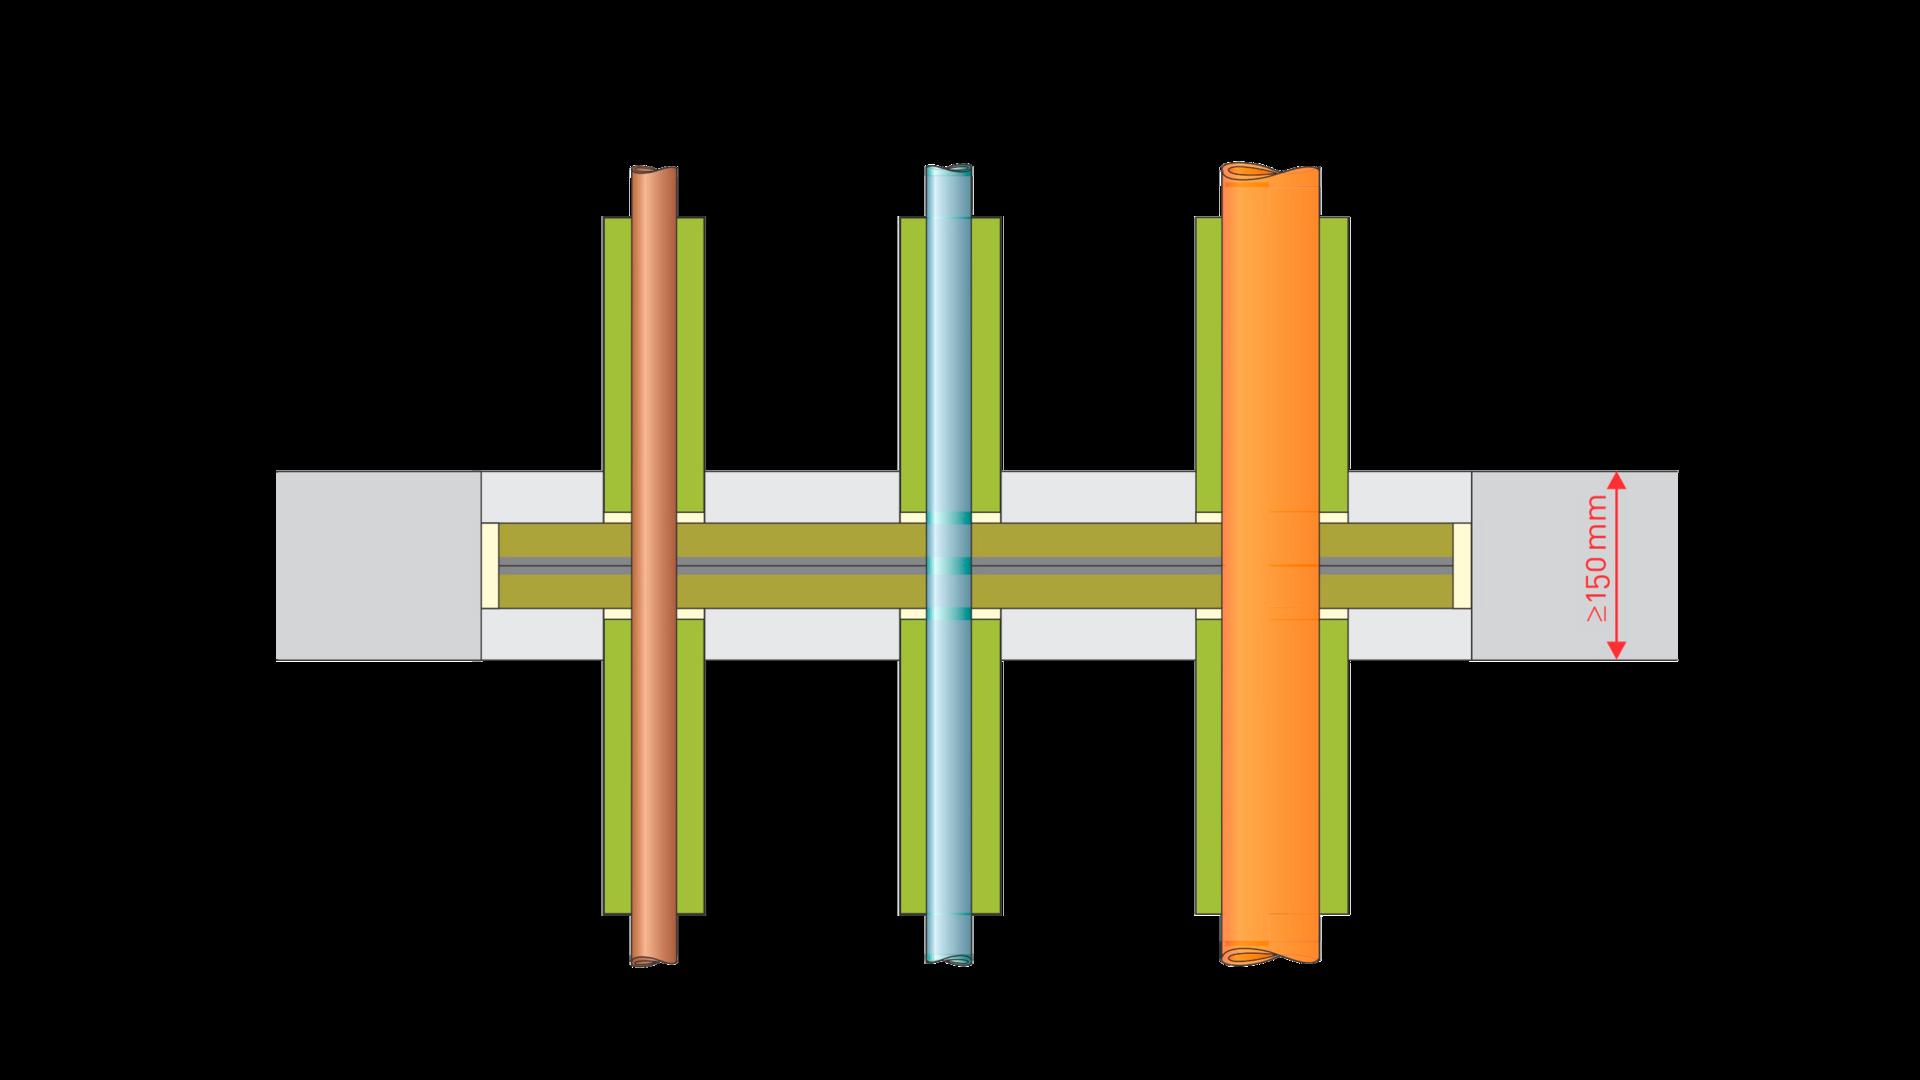 CONLIT PENETRATION BOARD